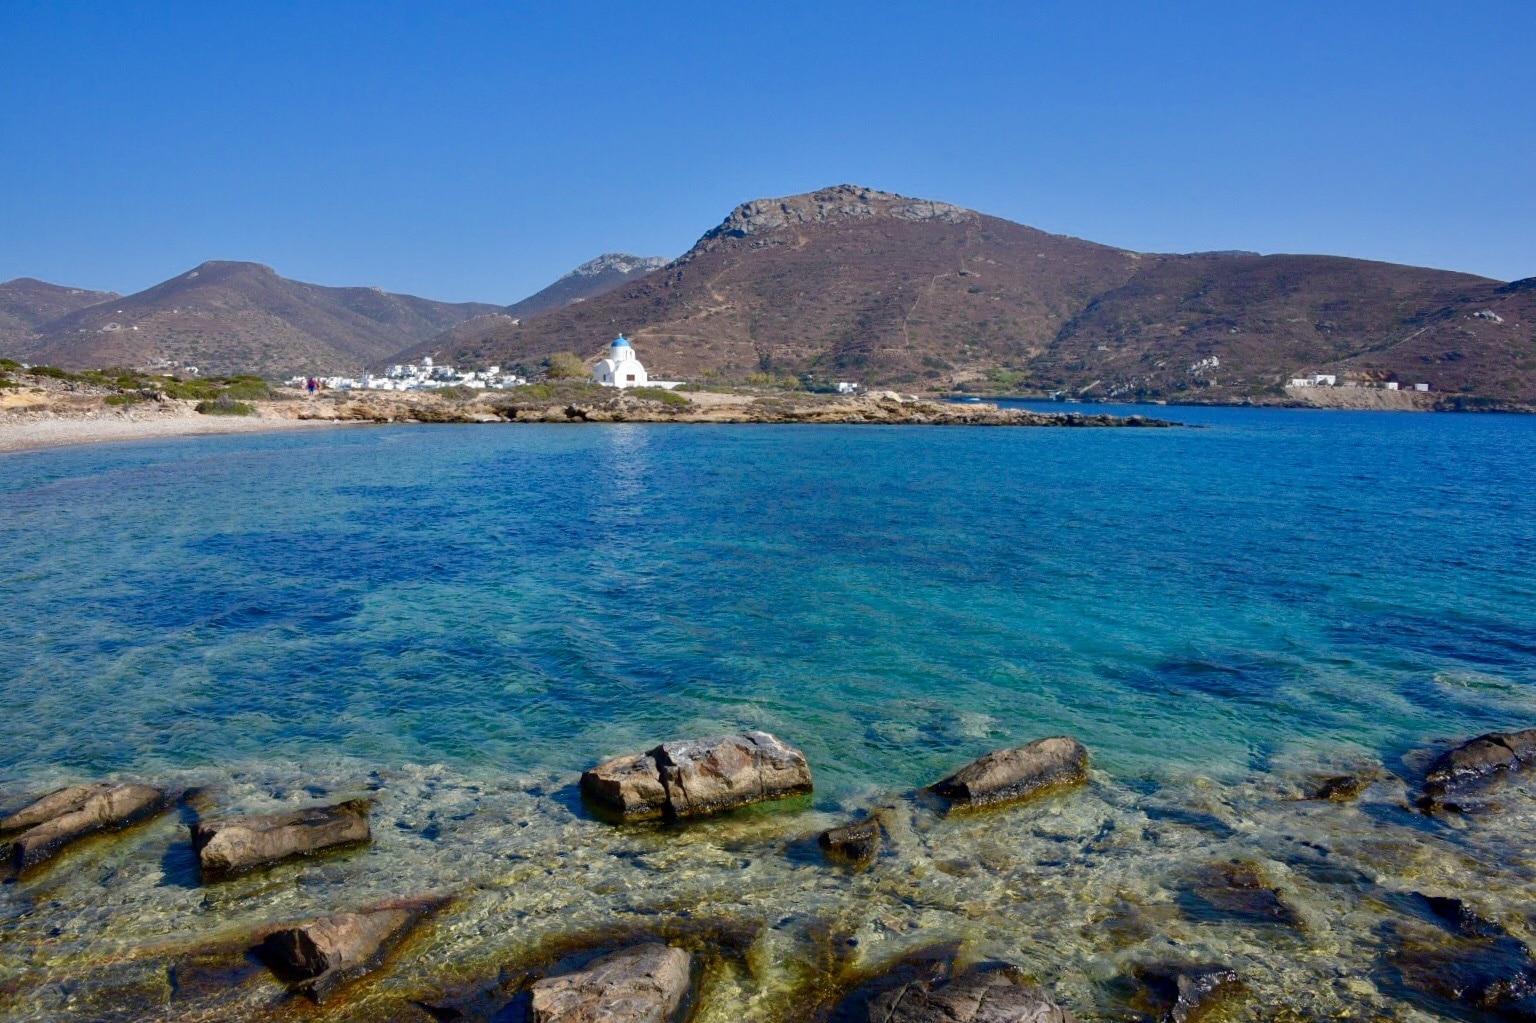 Katapola, Amorgos, South Aegean, Greece